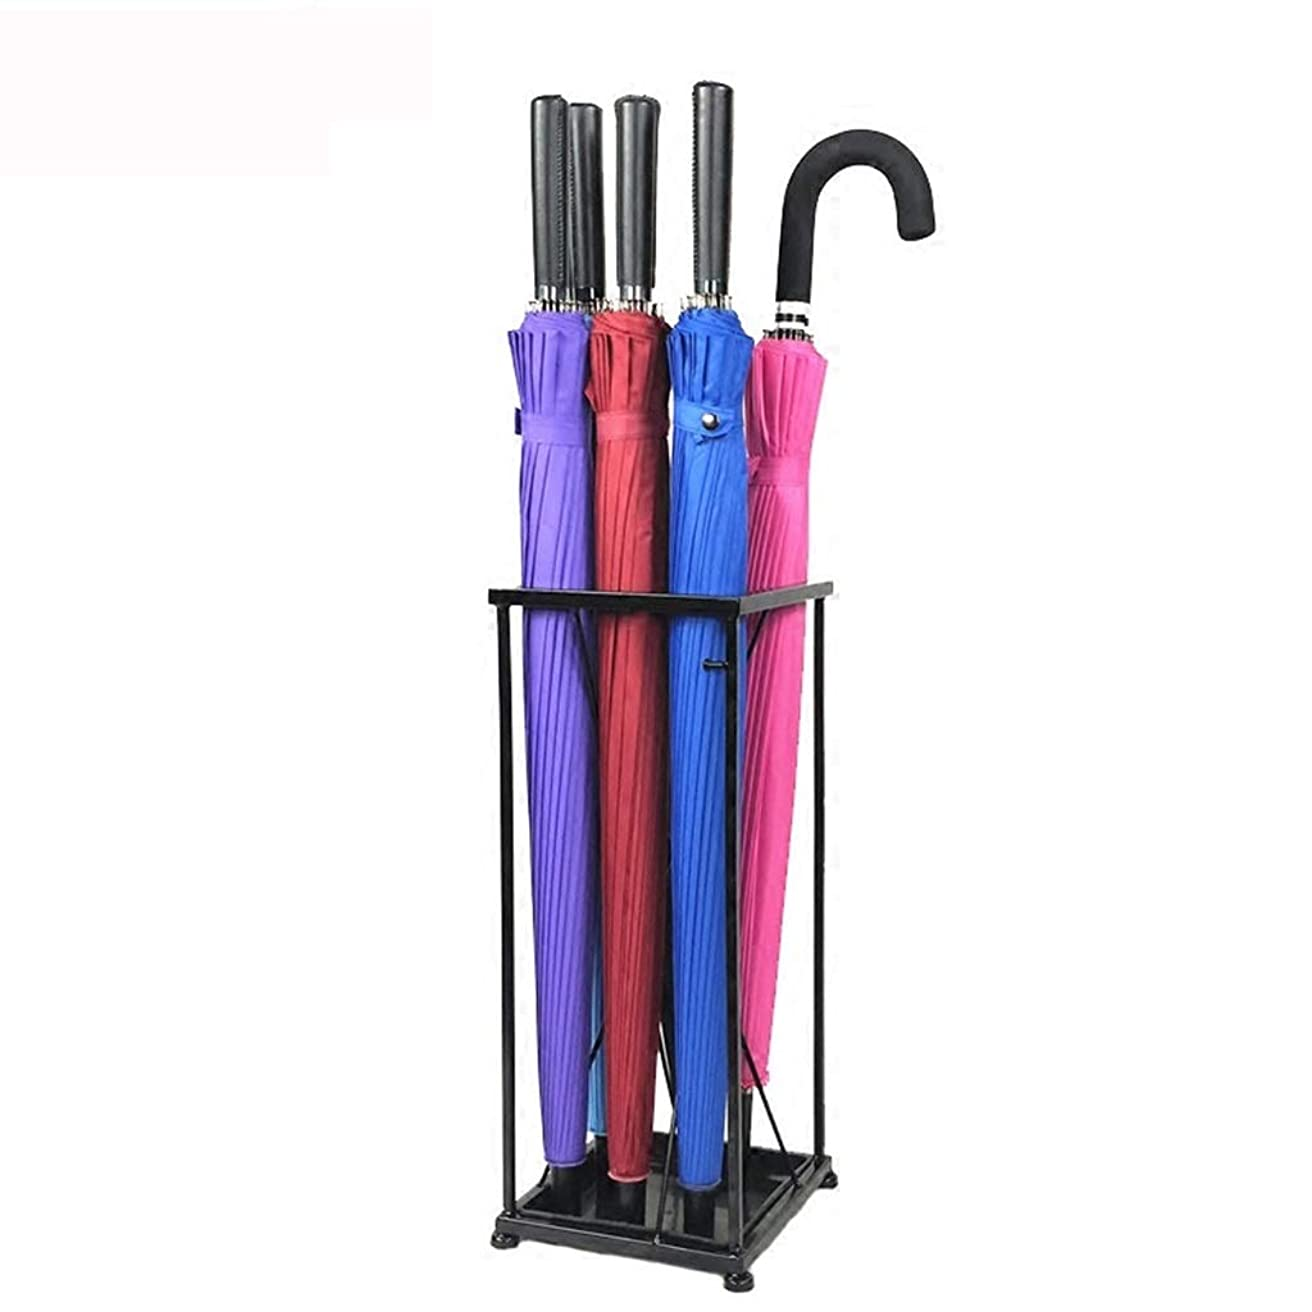 参加者極端な旅行者LIUXIN ブラックメタル傘立てホームホテルのロビー錬鉄製傘立て装飾用傘立て-49 CM×20 CM 傘立て